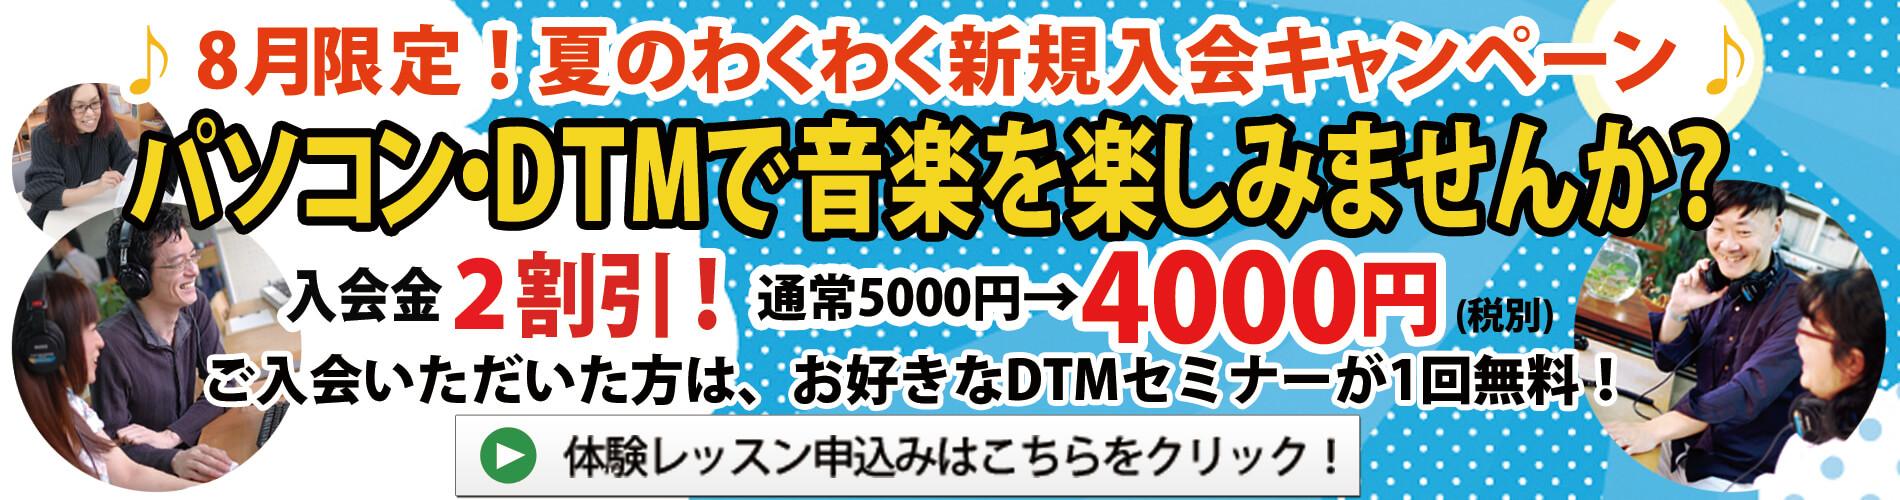 2019年8月のDTM新規入会キャンペーン